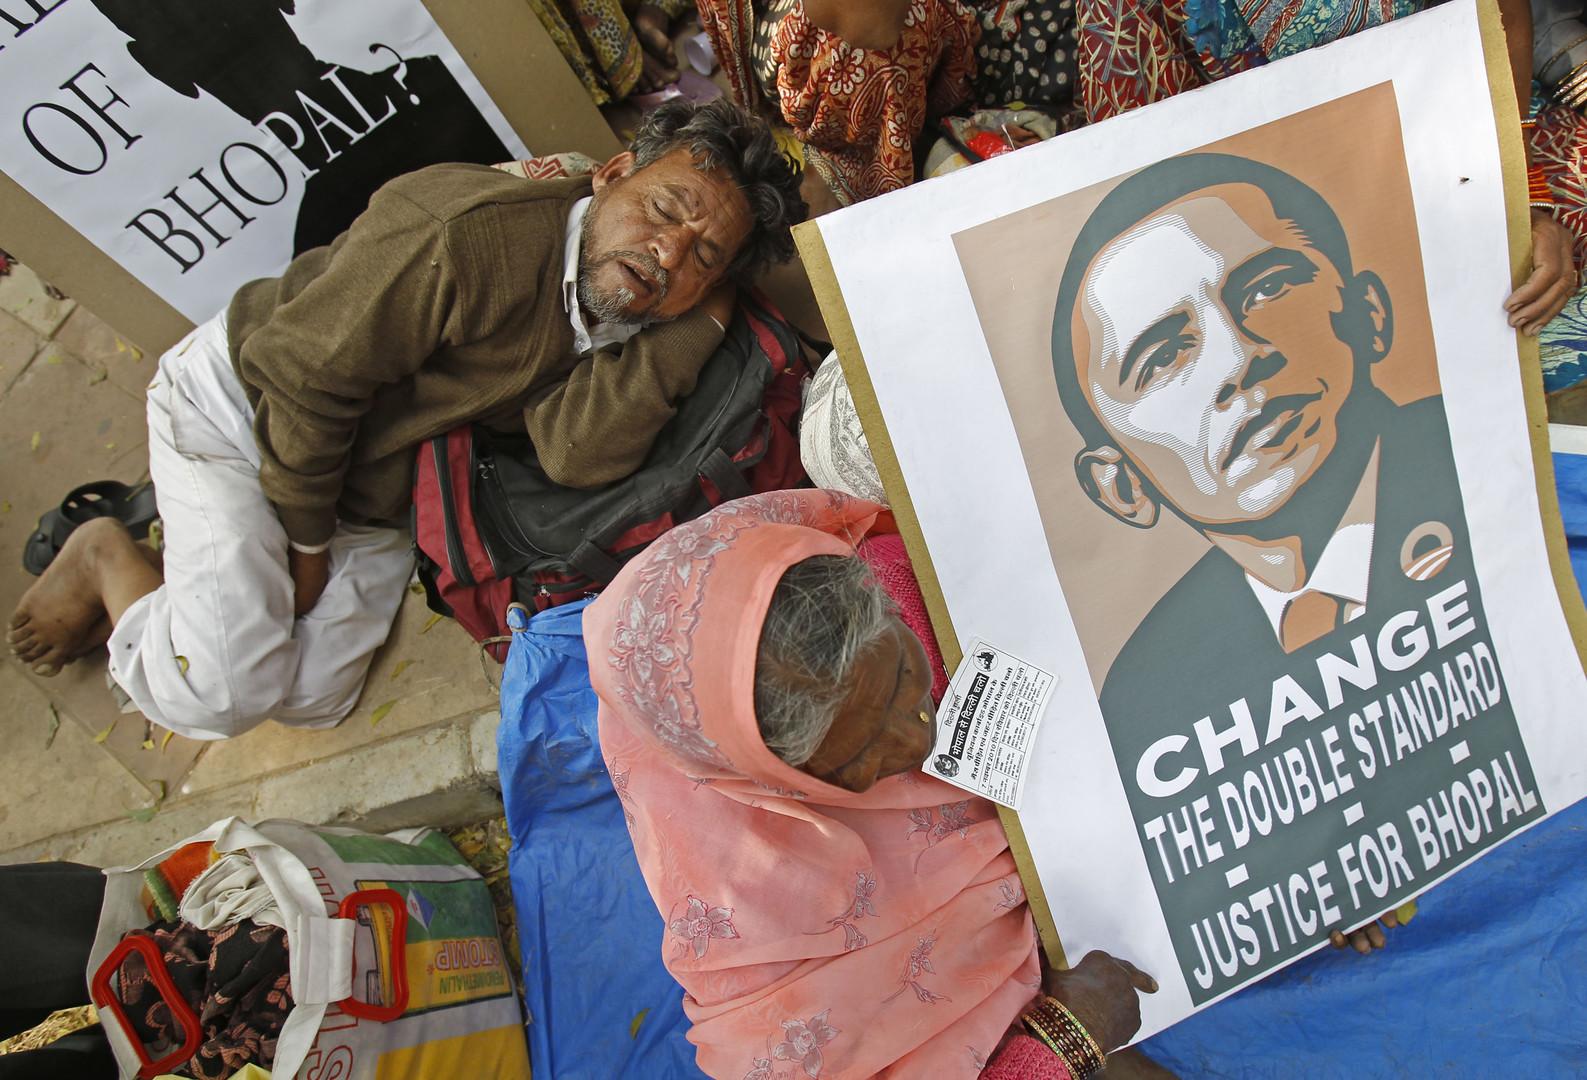 Plus de 30 ans après les faits, les Indiens demandent toujours «justice pour Bhopal»